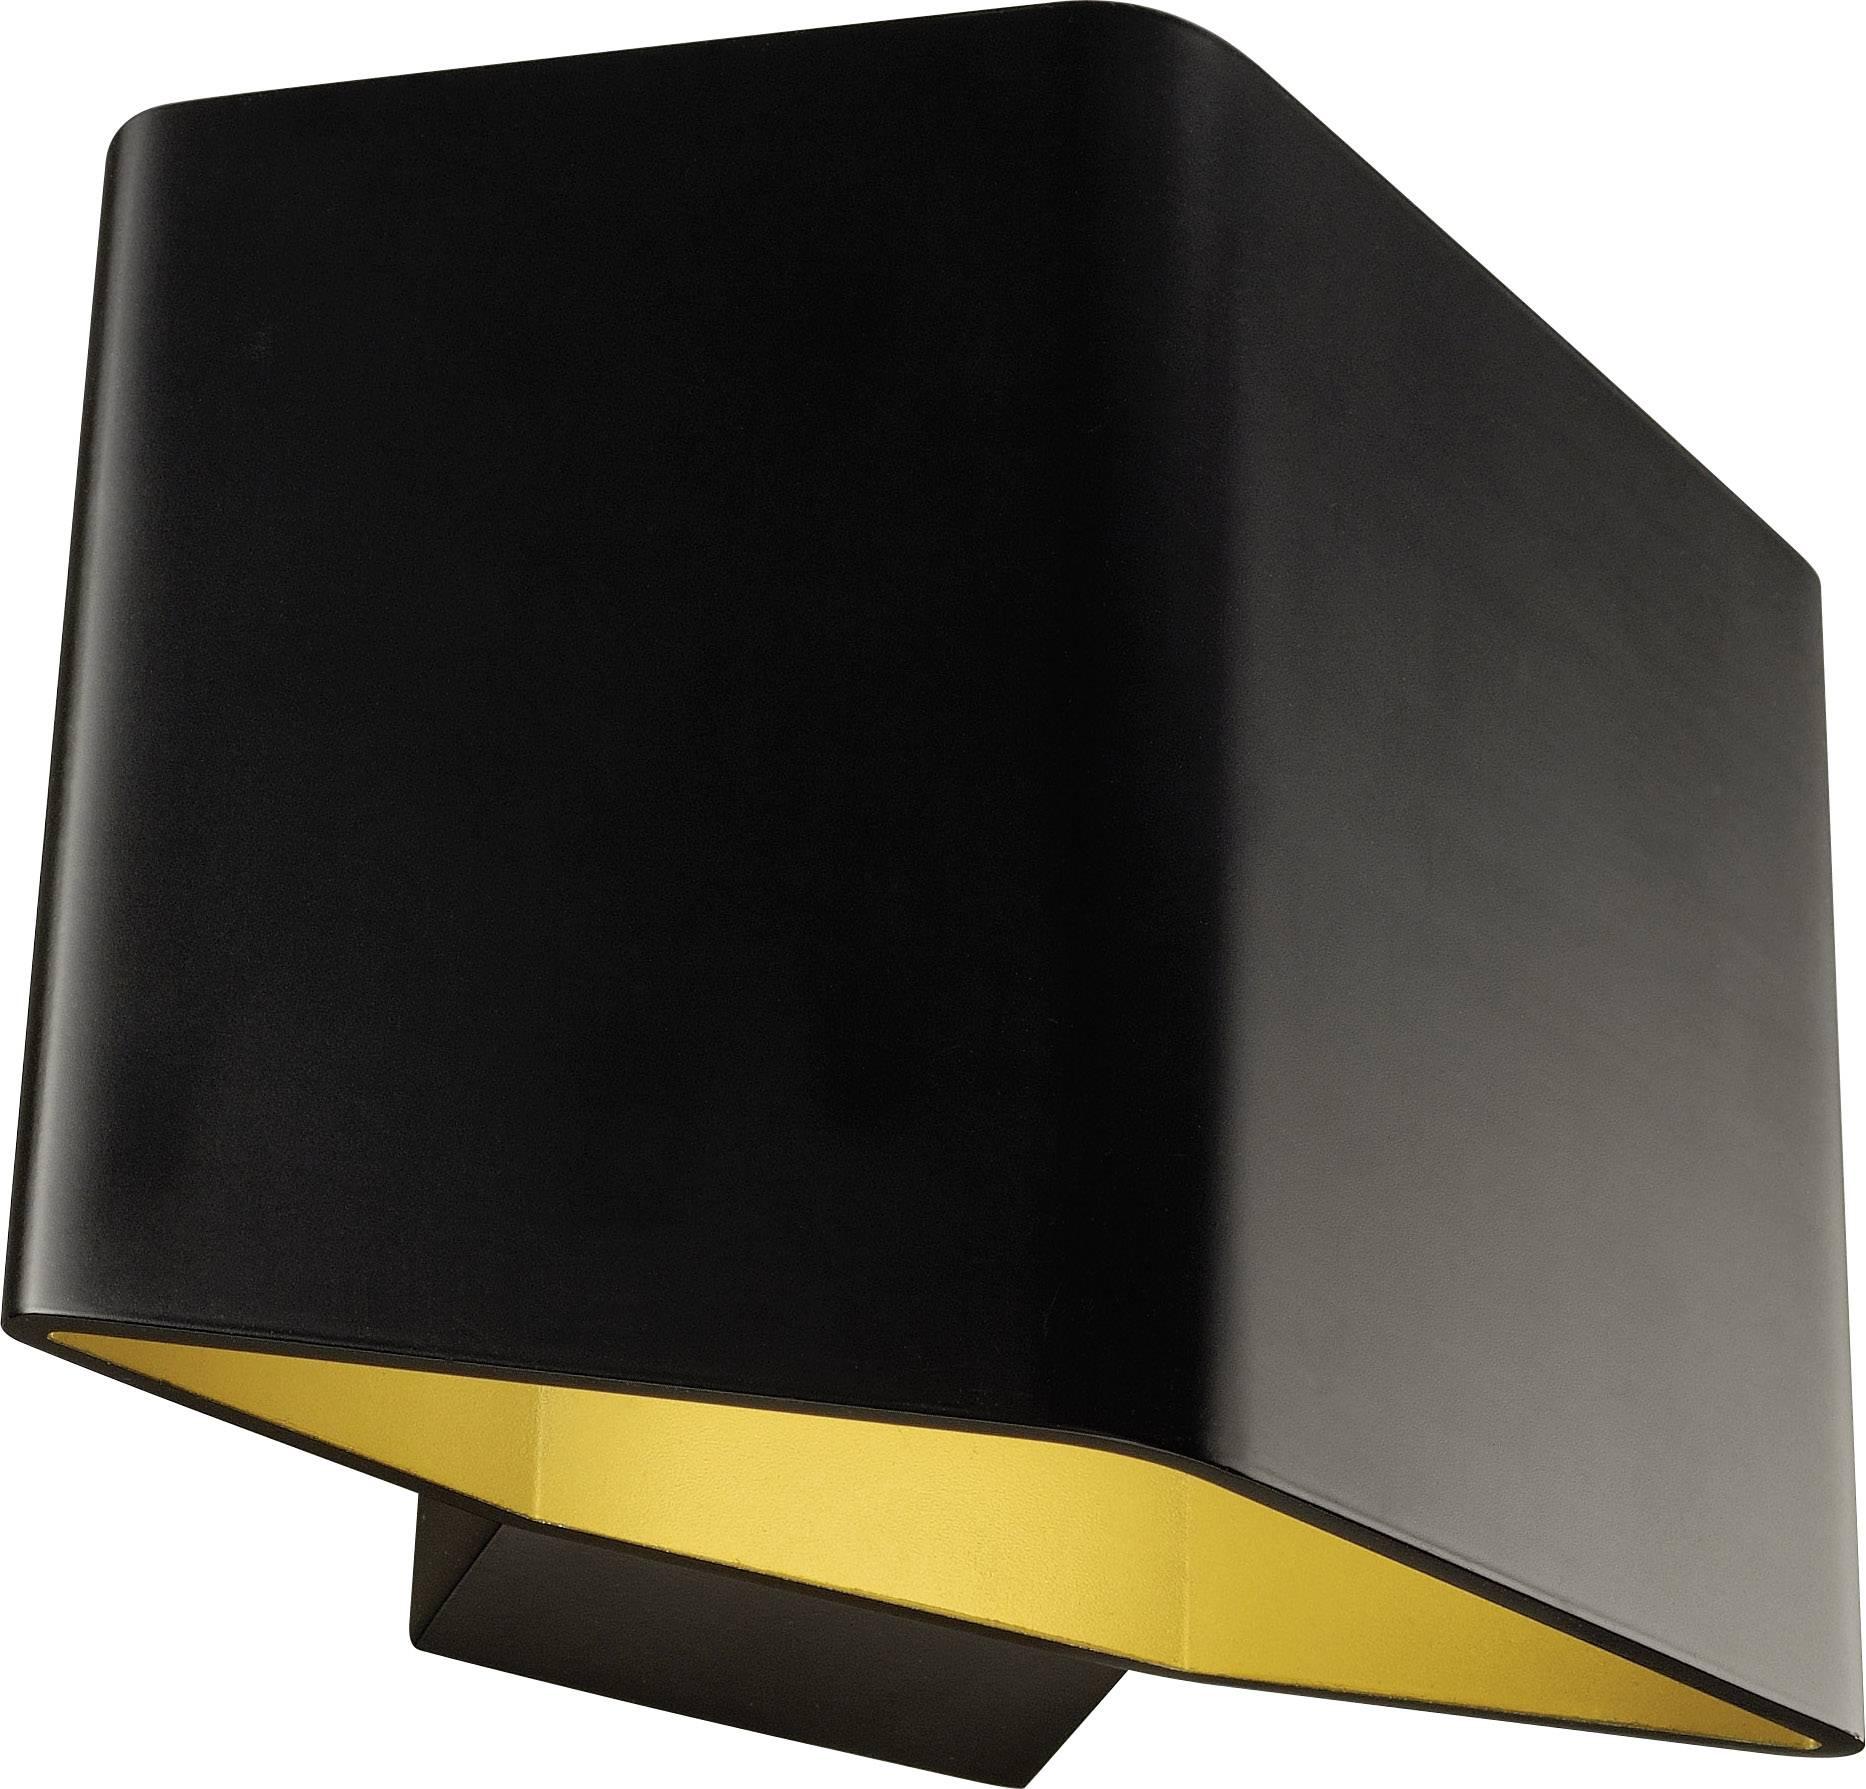 LED nástěnné světlo SLV Cariso 1 151700, 7.6 W, teplá bílá, černá